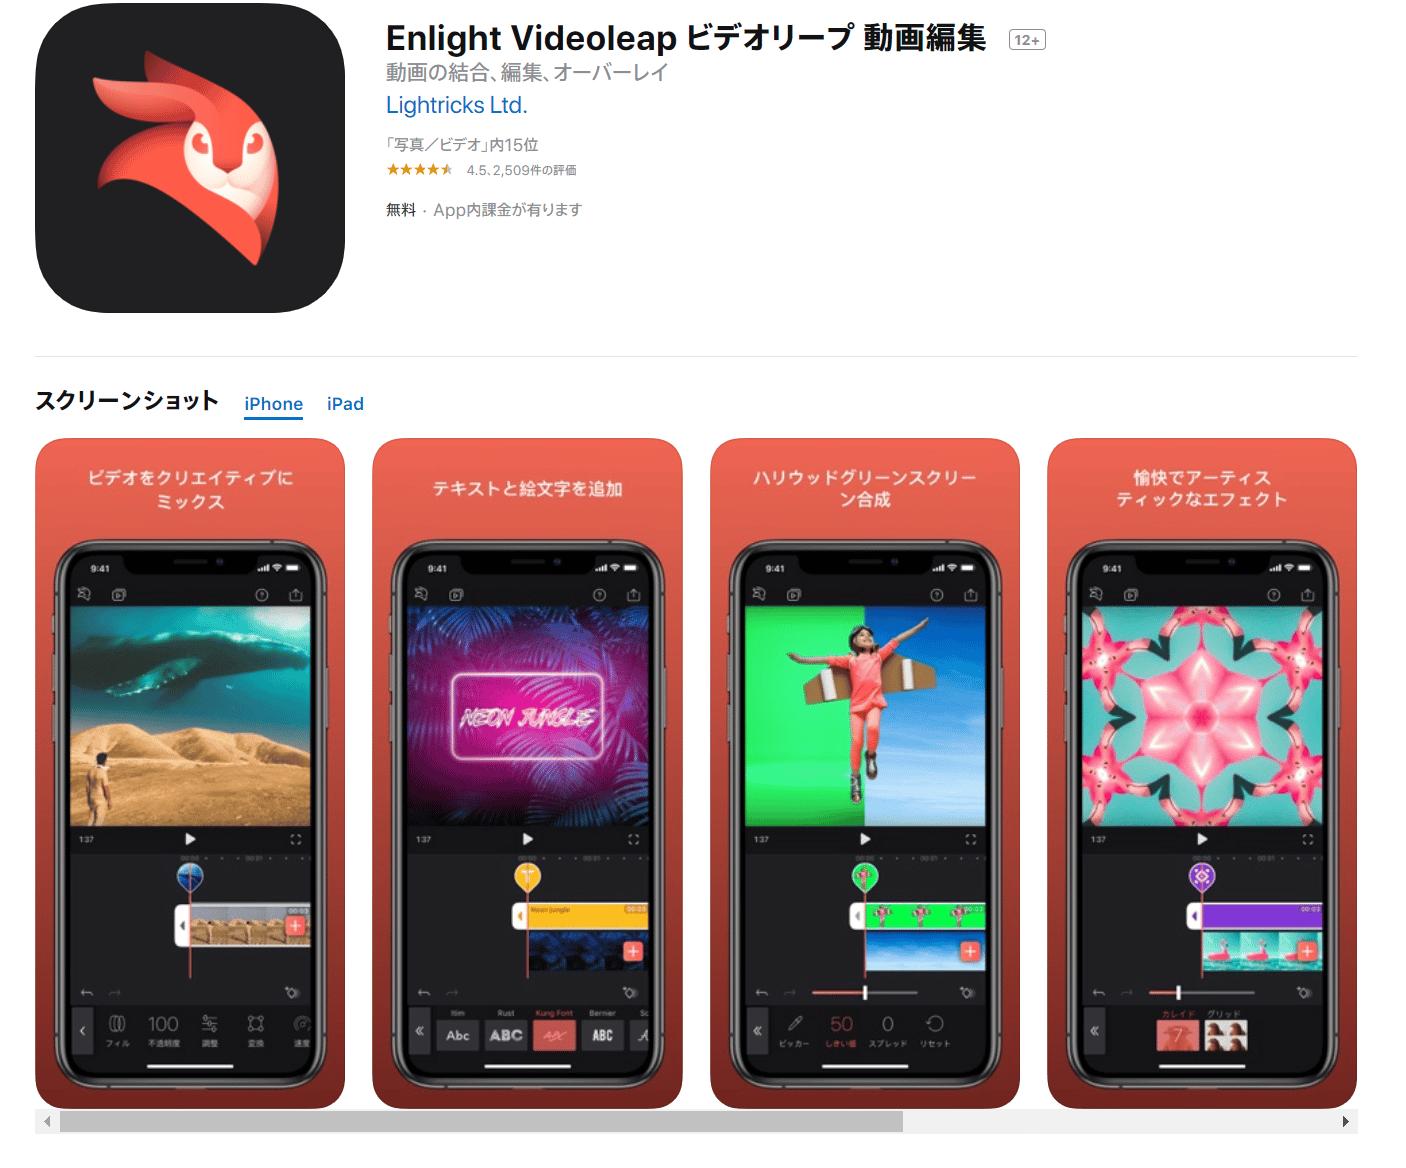 おすすめ動画編集アプリ8位:Enlight Videoleap